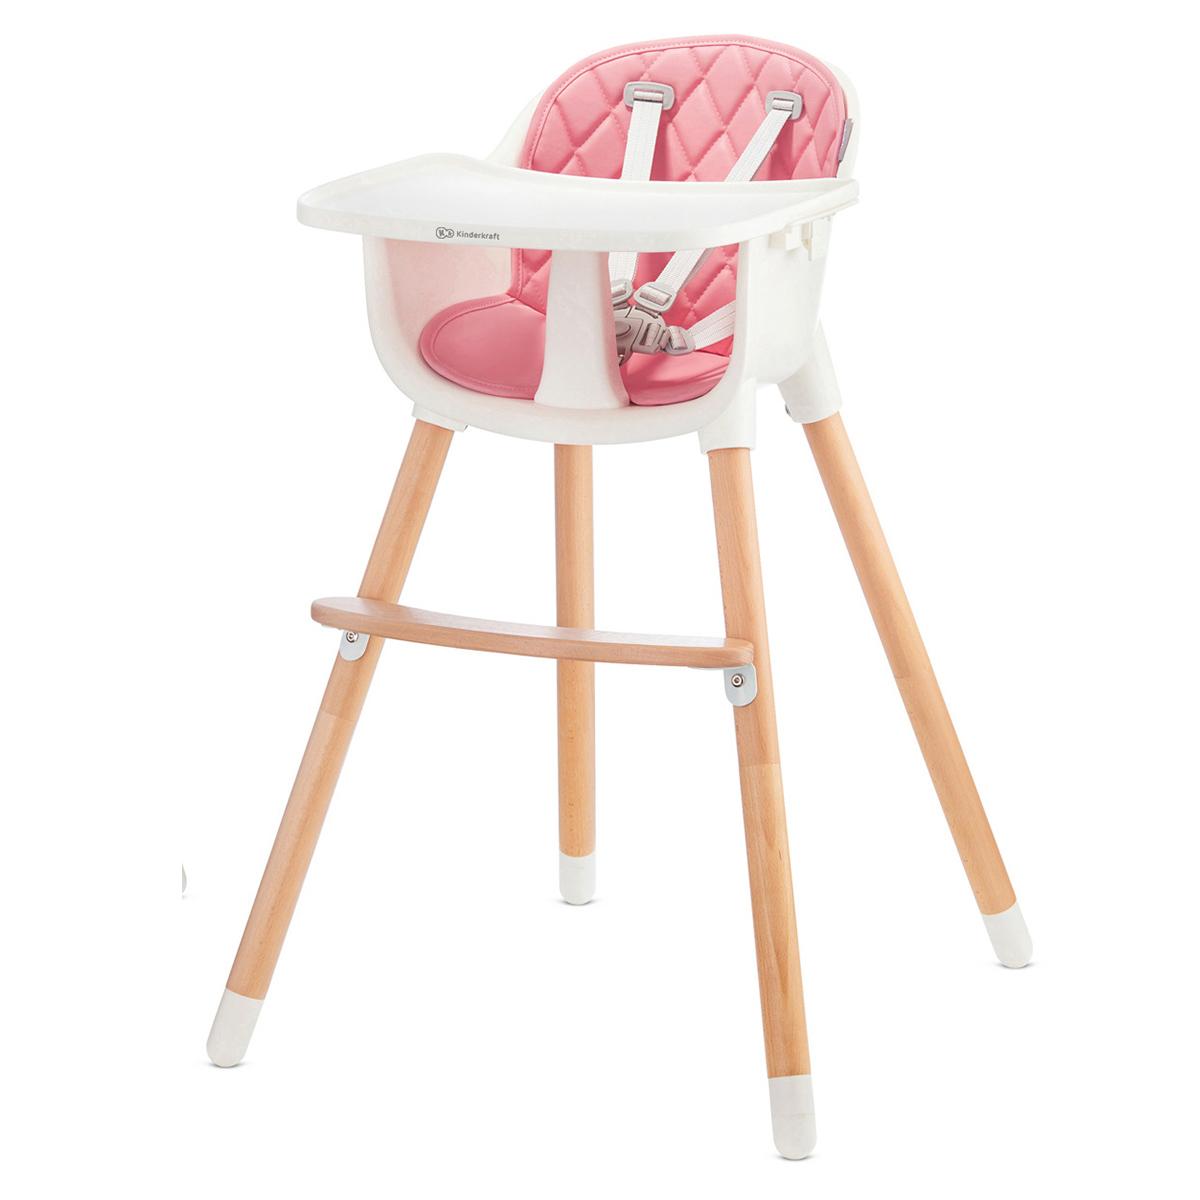 Chaise haute Chaise Haute SIENNA - Pink Chaise Haute SIENNA - Pink